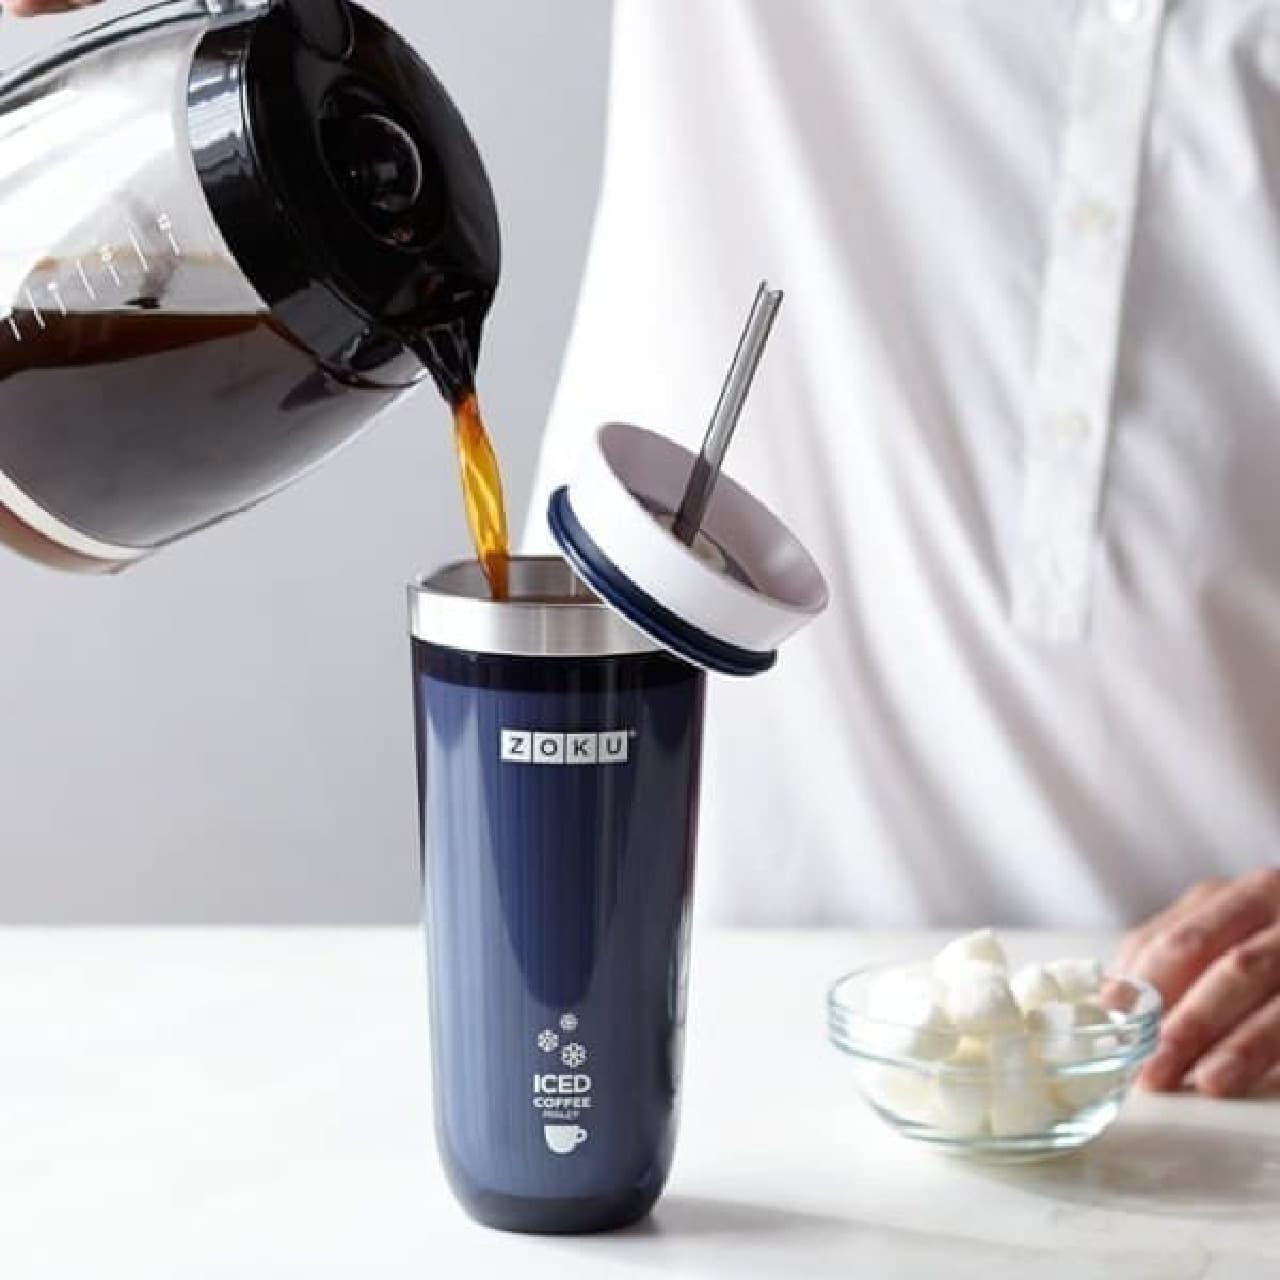 一瞬でアイスコーヒーを作れる「Zoku Iced Coffee Maker」